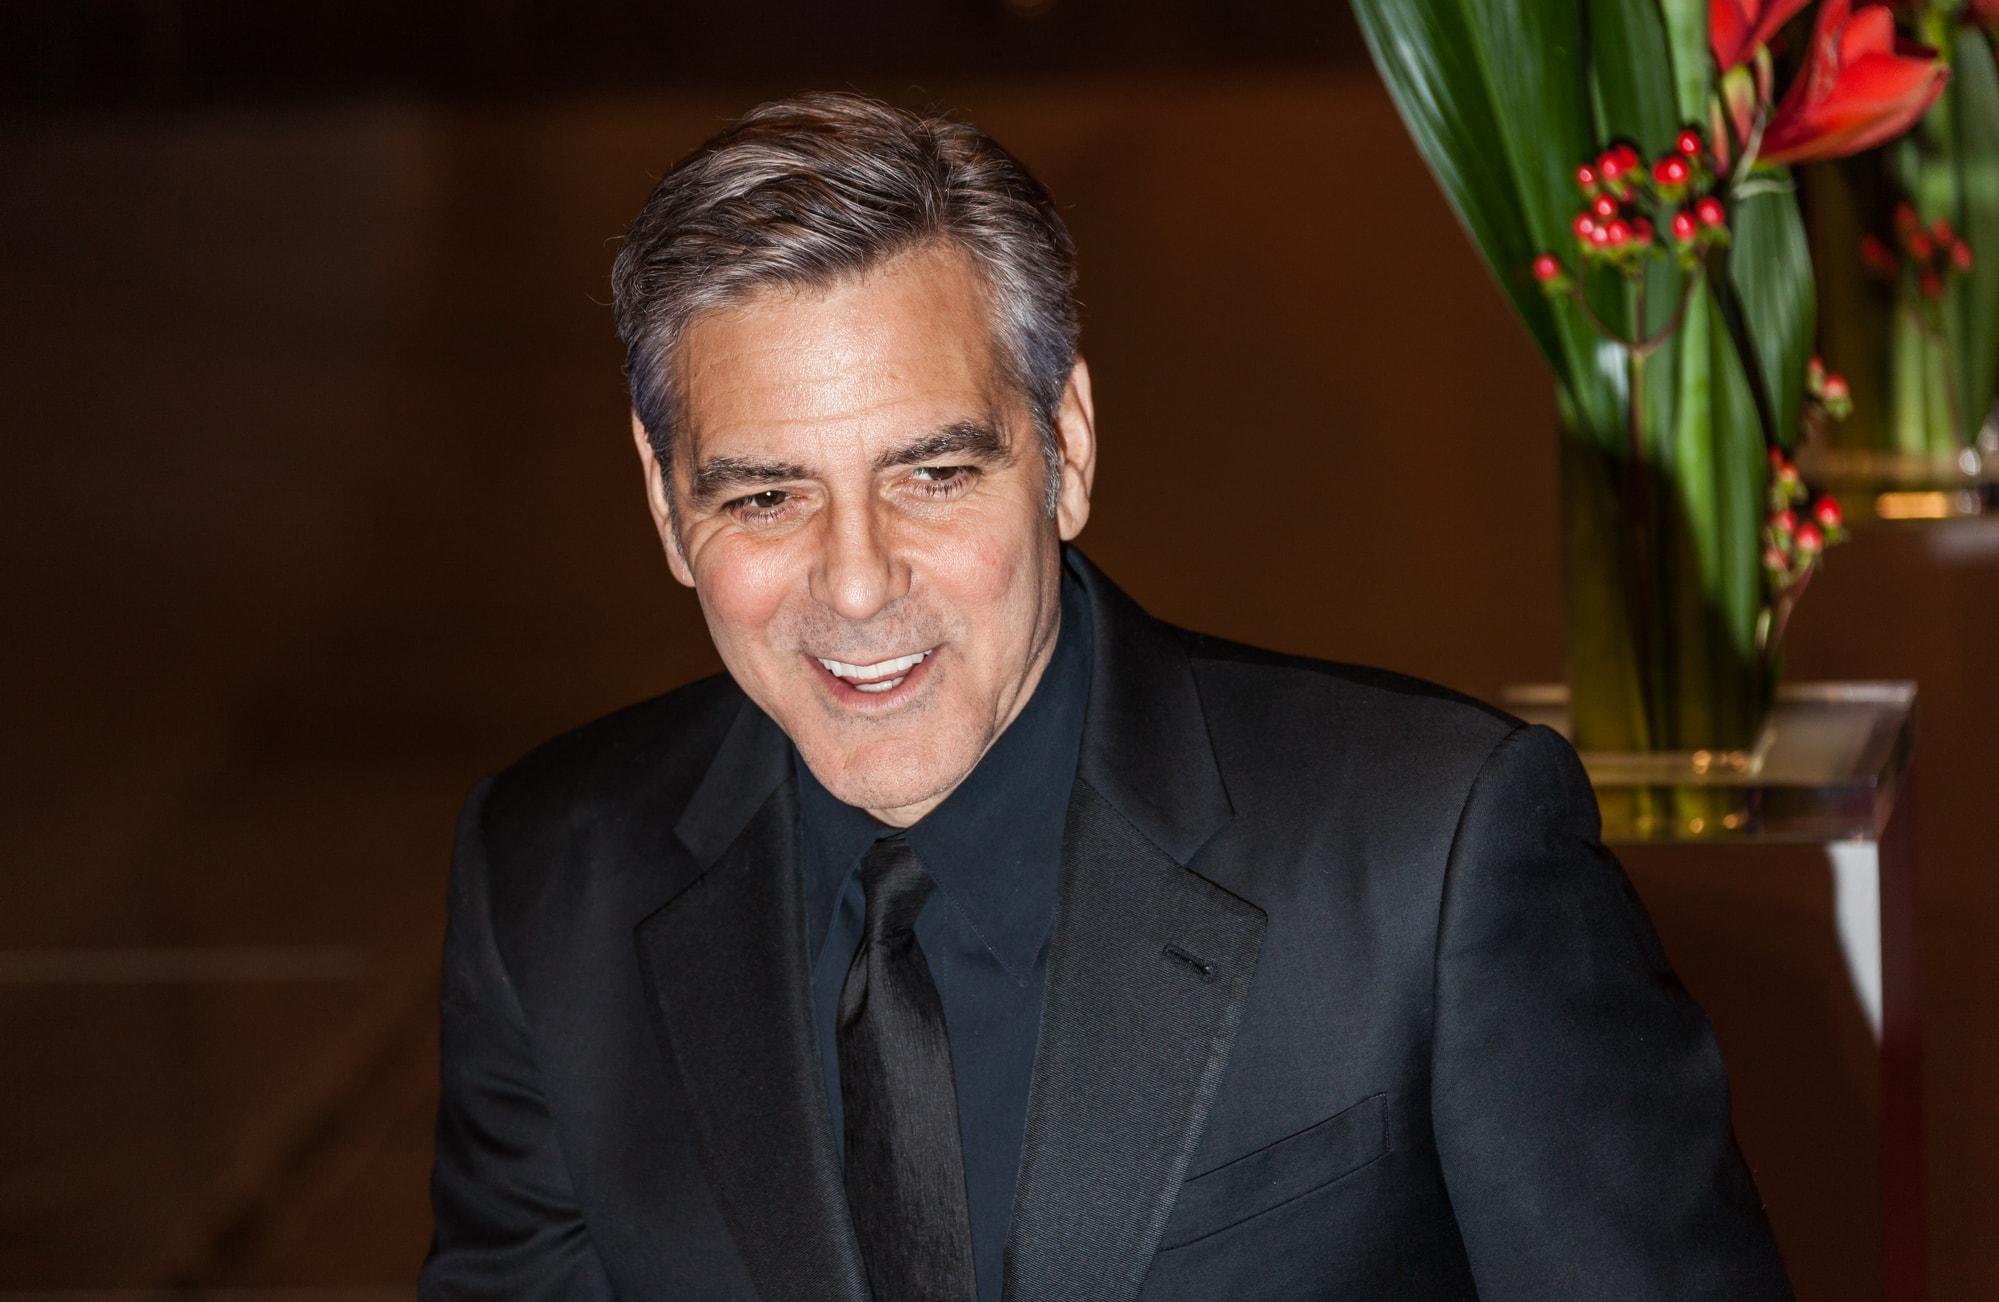 Джордж Клуни рассказал, почему дал друзьям по миллиону долларов